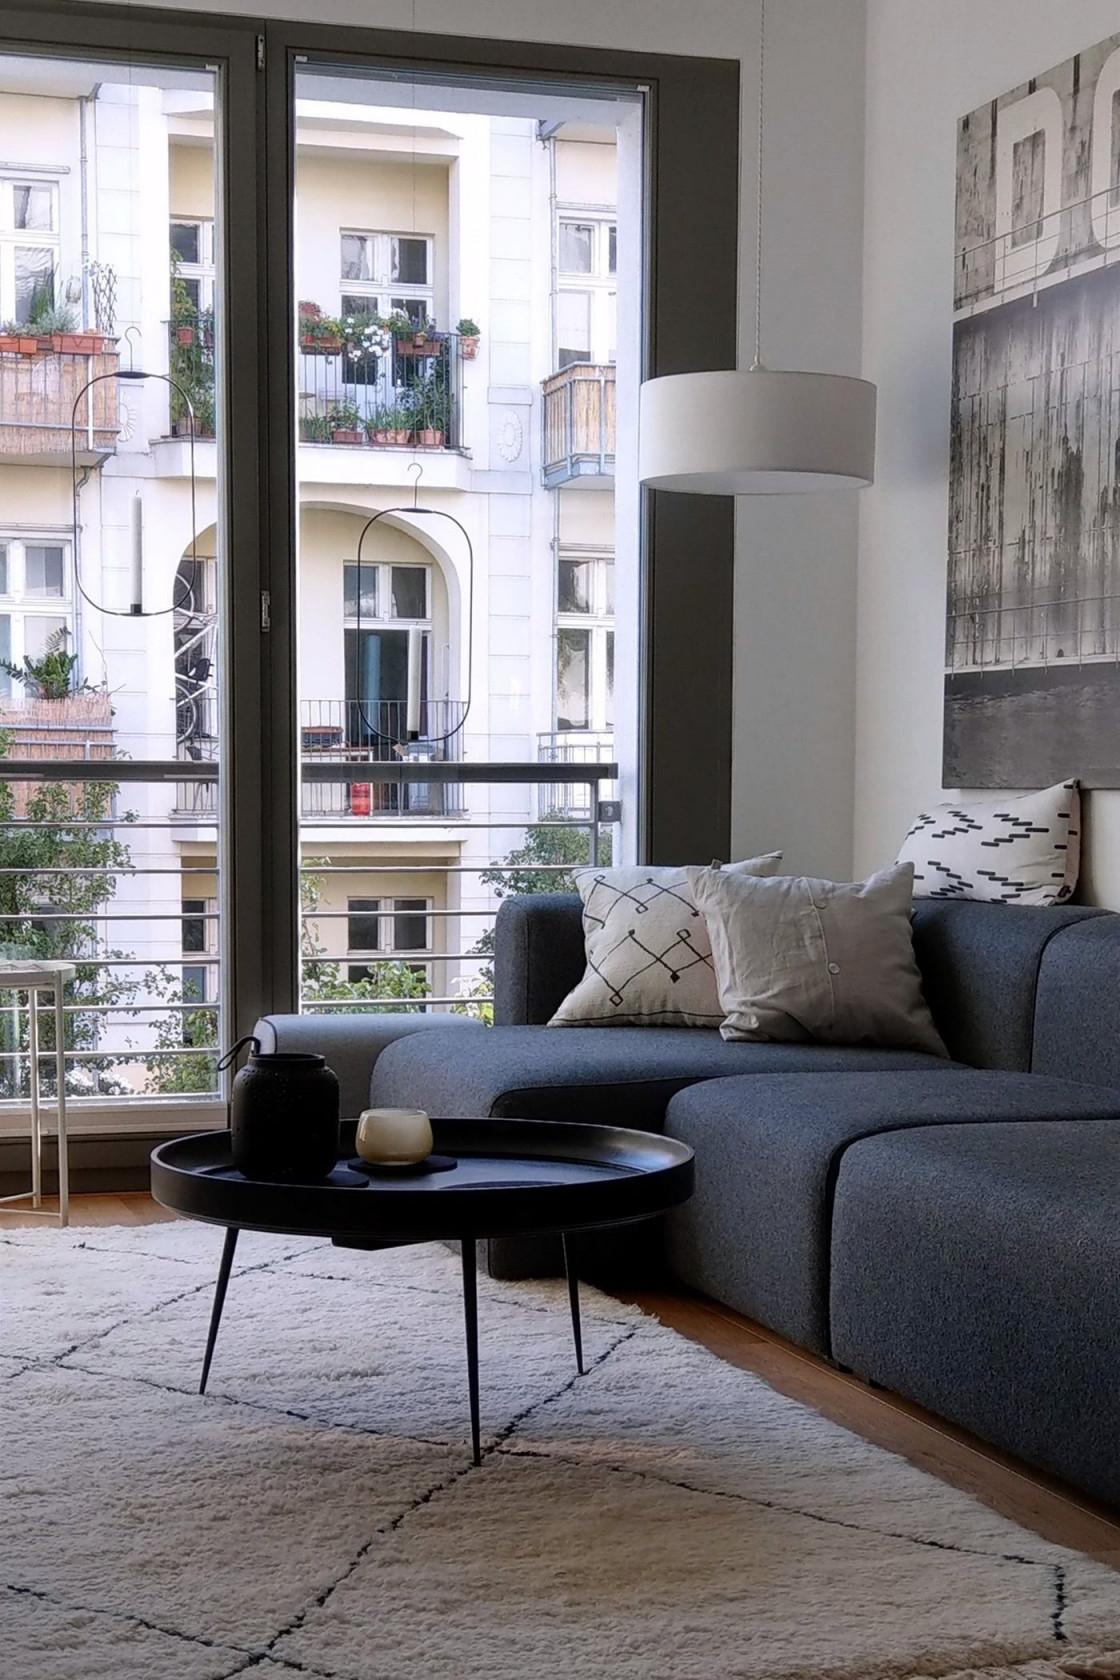 Wohnzimmer Die Schönsten Ideen von Wohnzimmer Schön Gestalten Bild